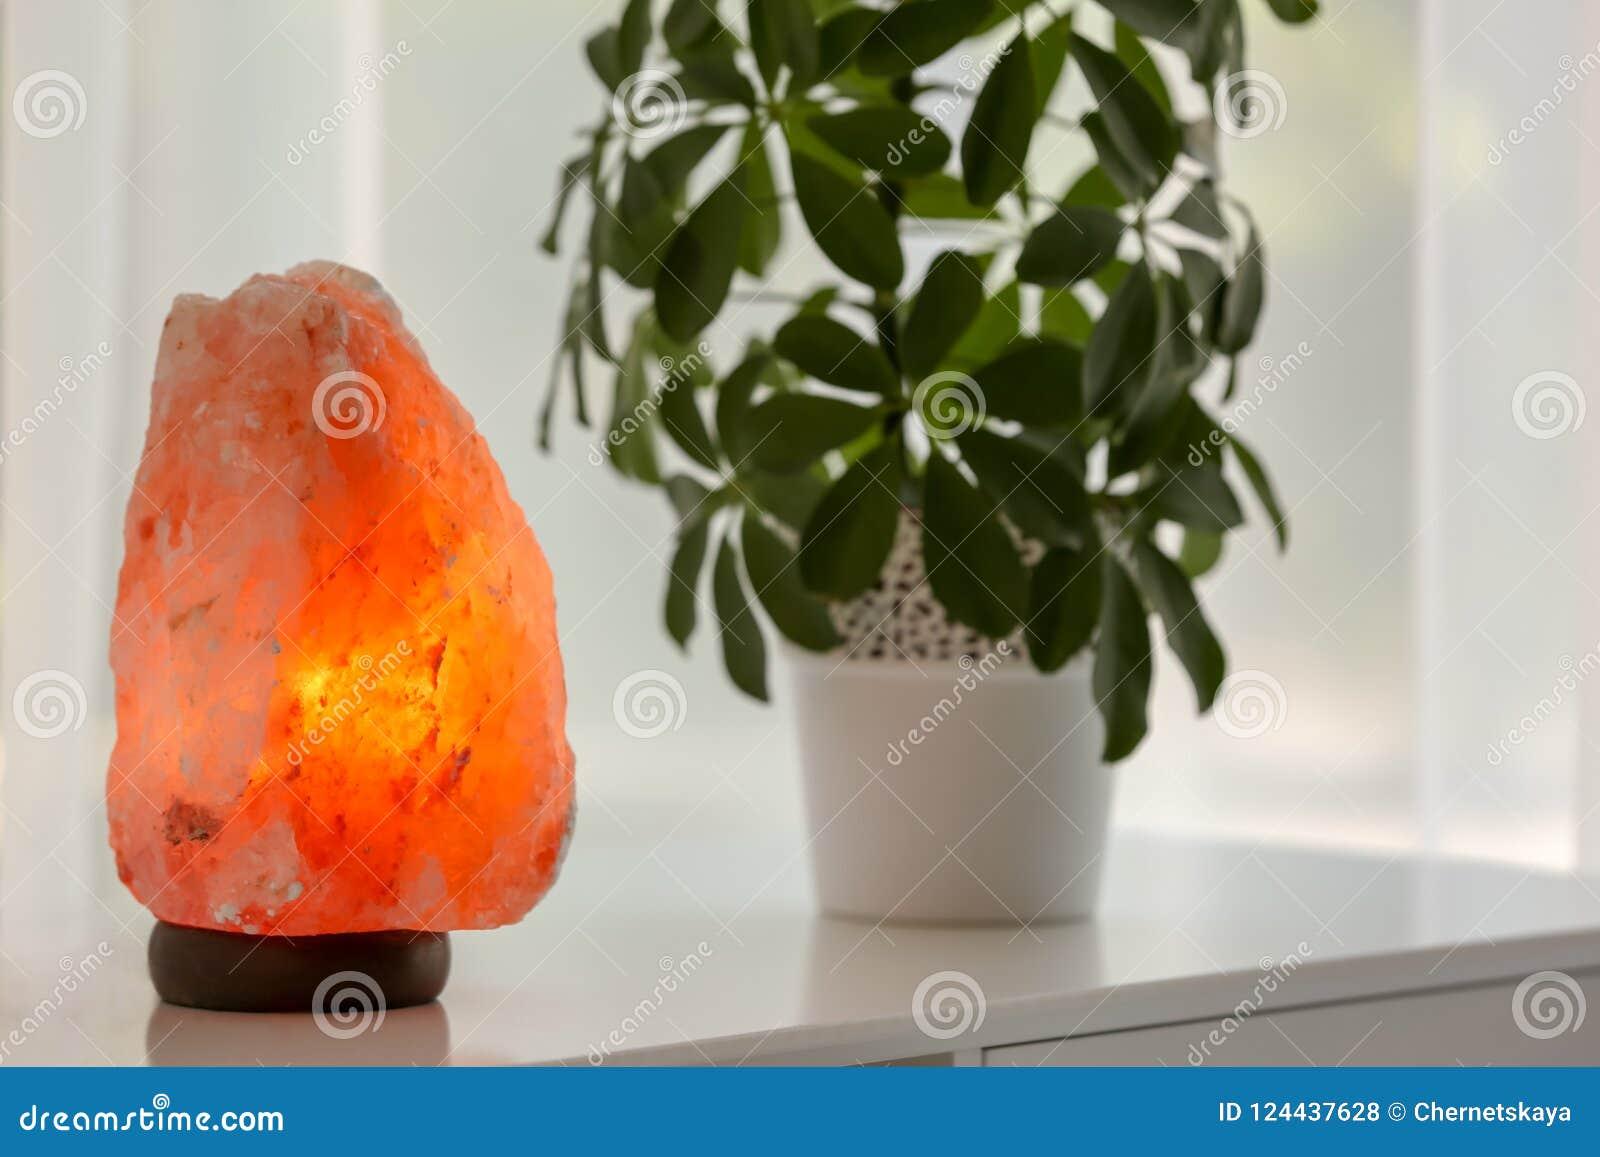 Lampe de l Himalaya exotique de sel